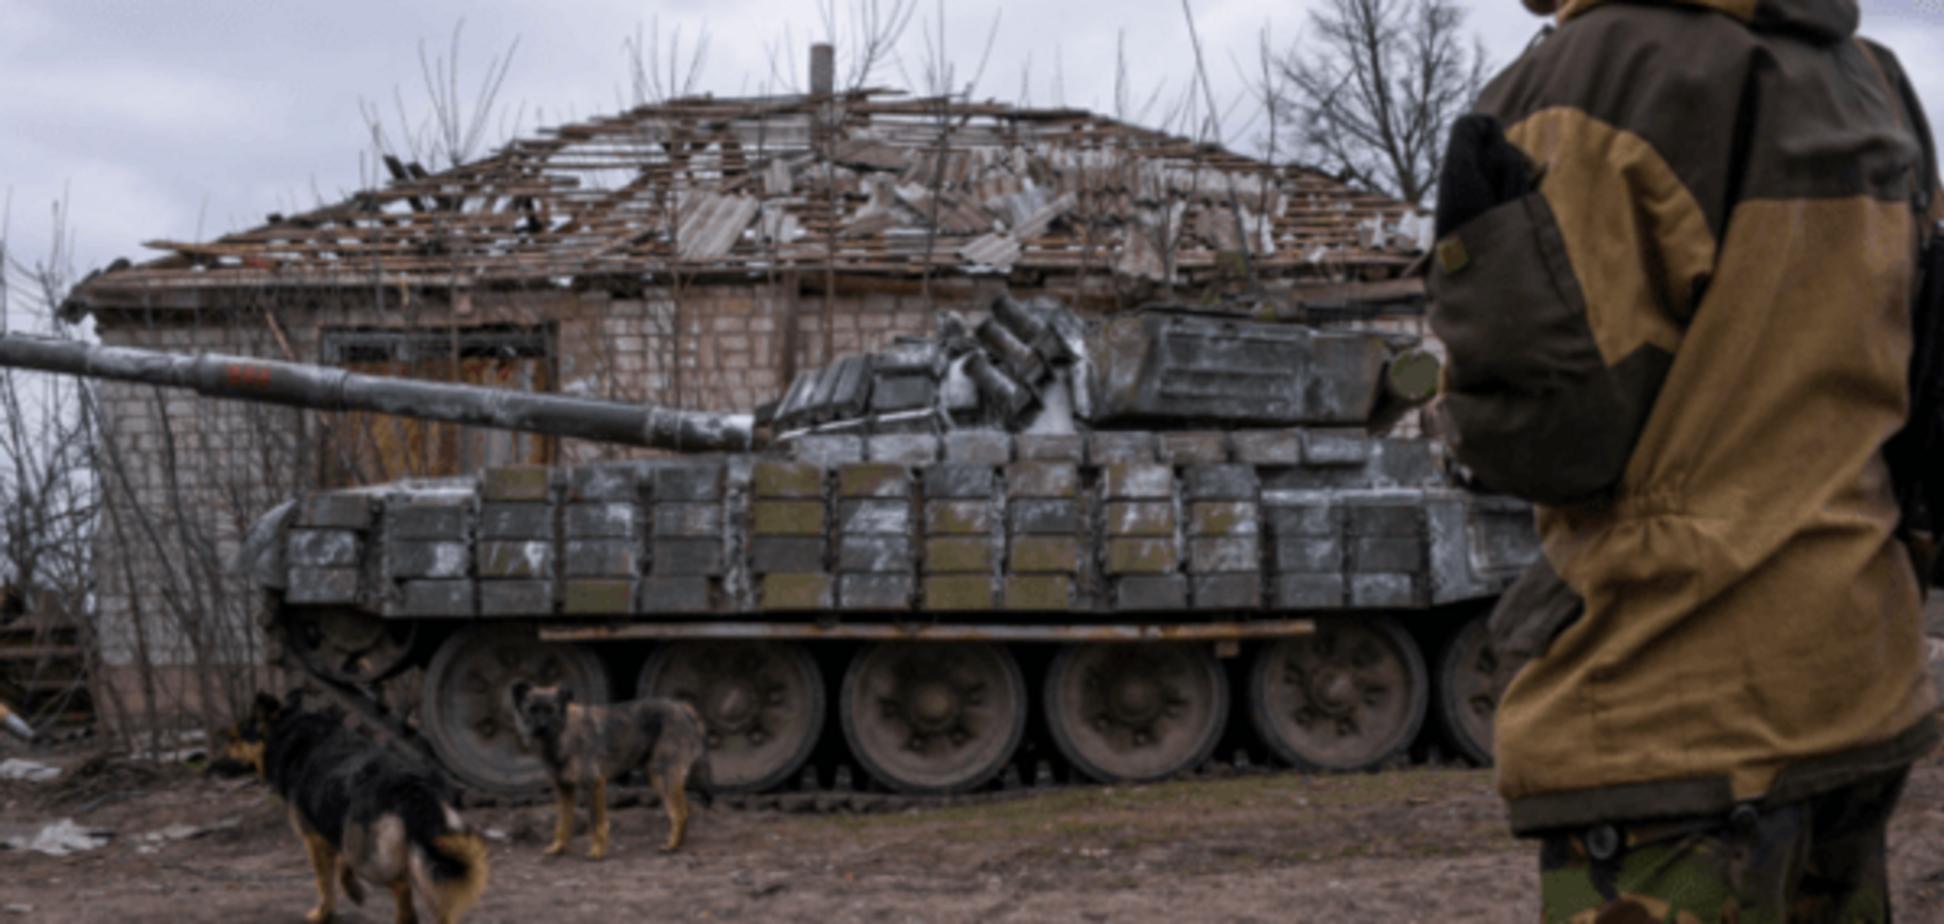 Ніч у зоні АТО: терористи відкрили вогонь по українських військових